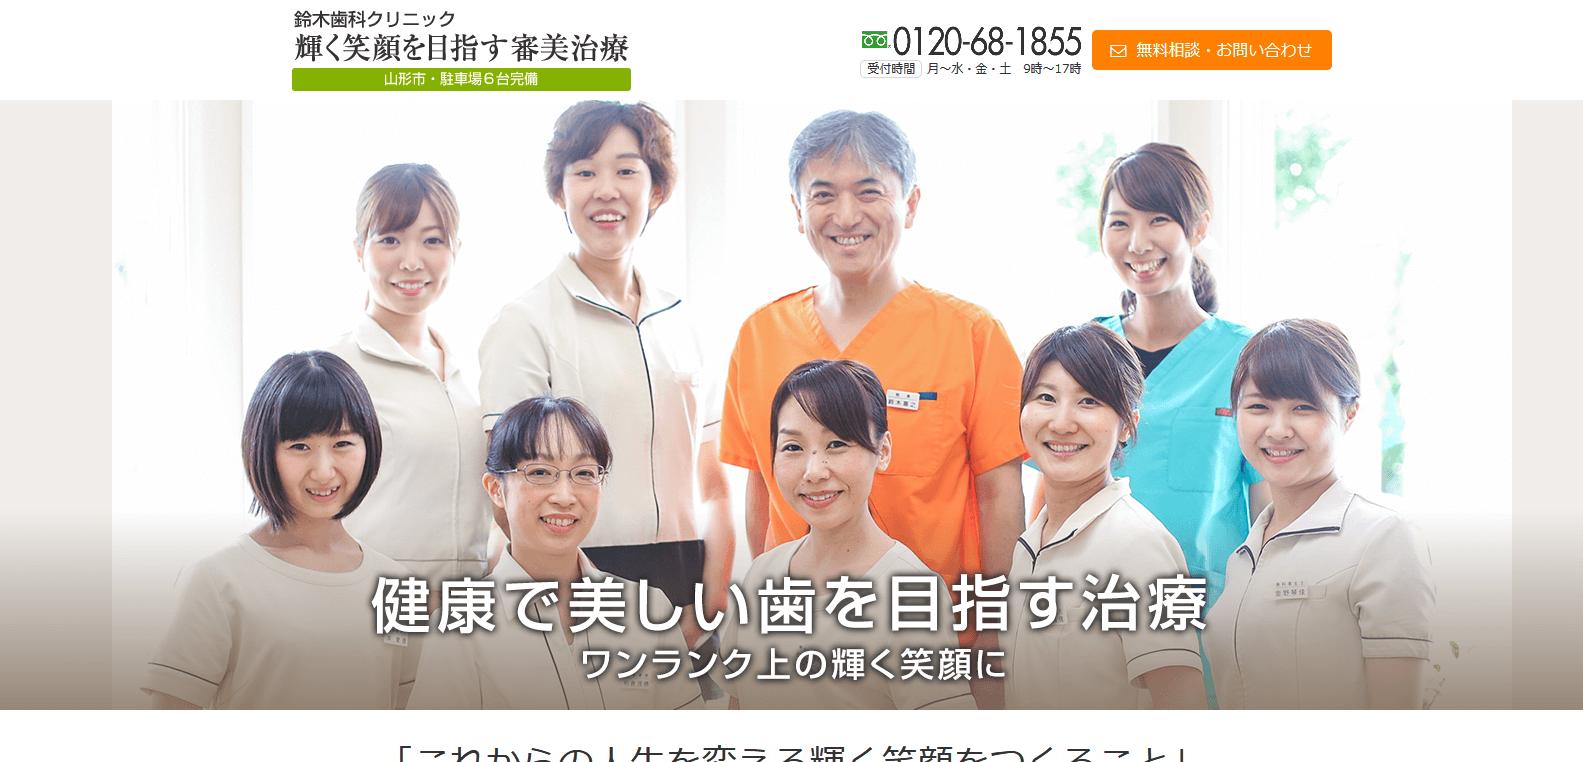 鈴木歯科クリニック様ランディングページ